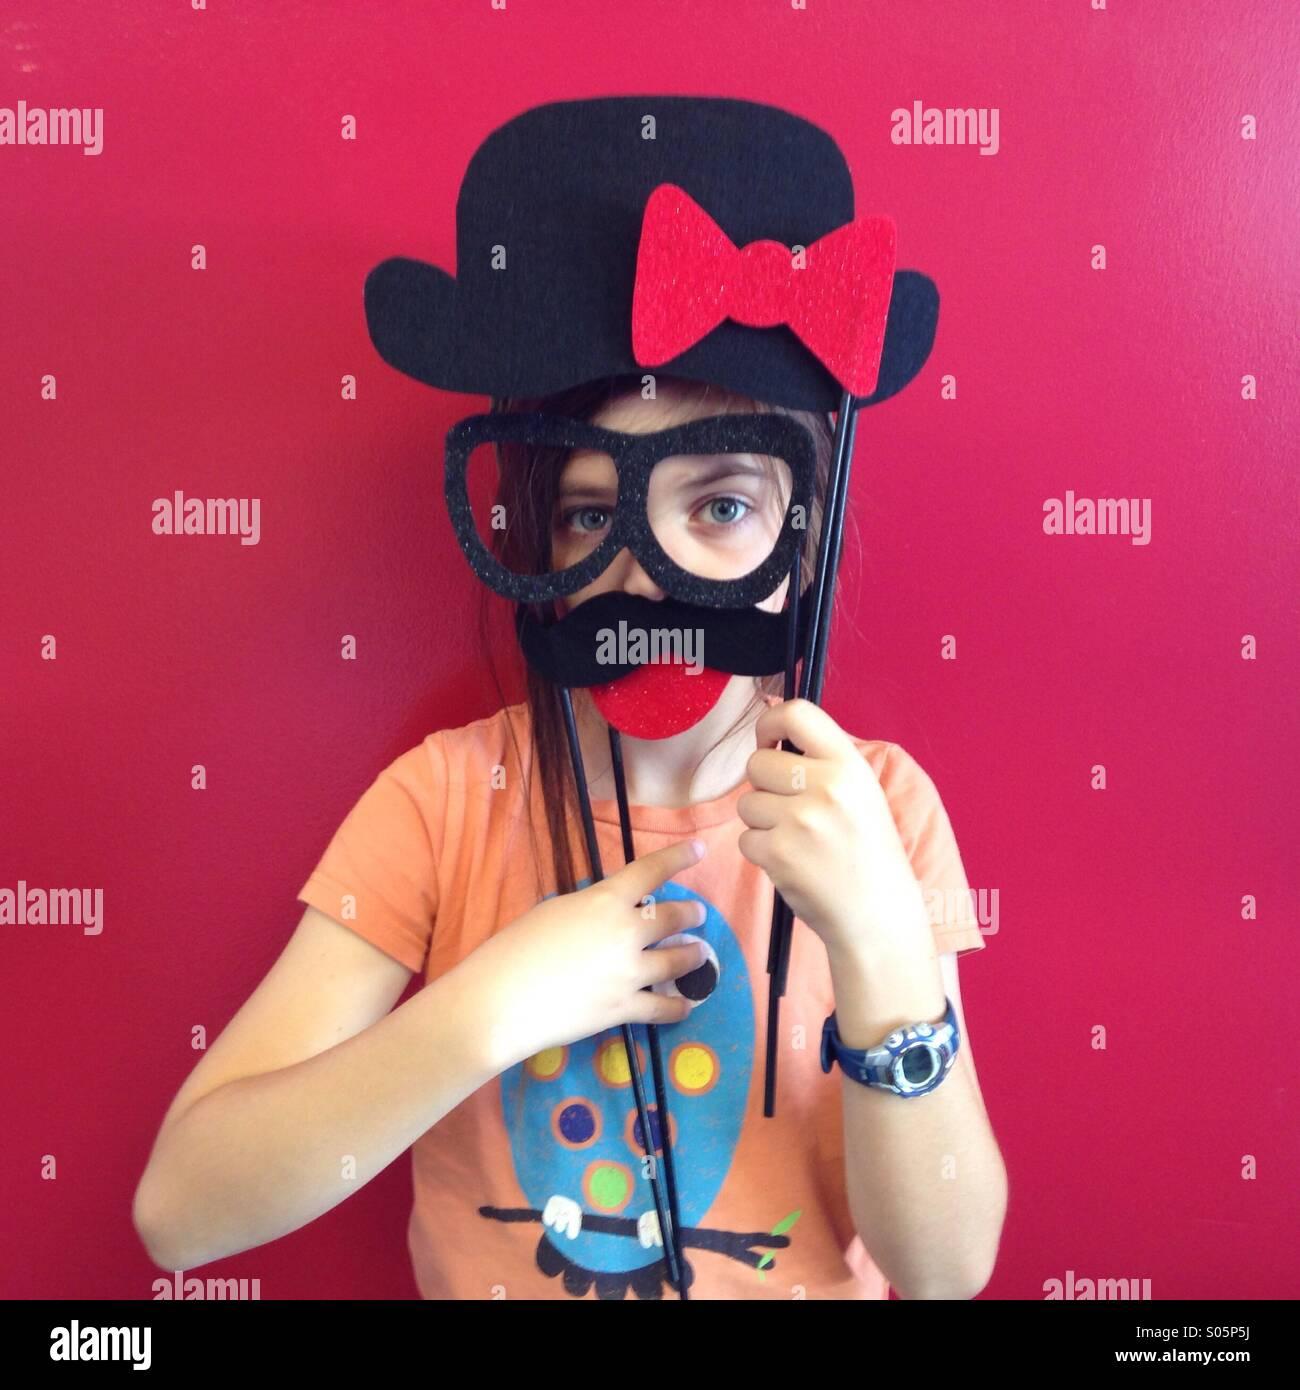 Silly kid lleva gafas y un bigote falso contra una pared roja. Imagen De Stock